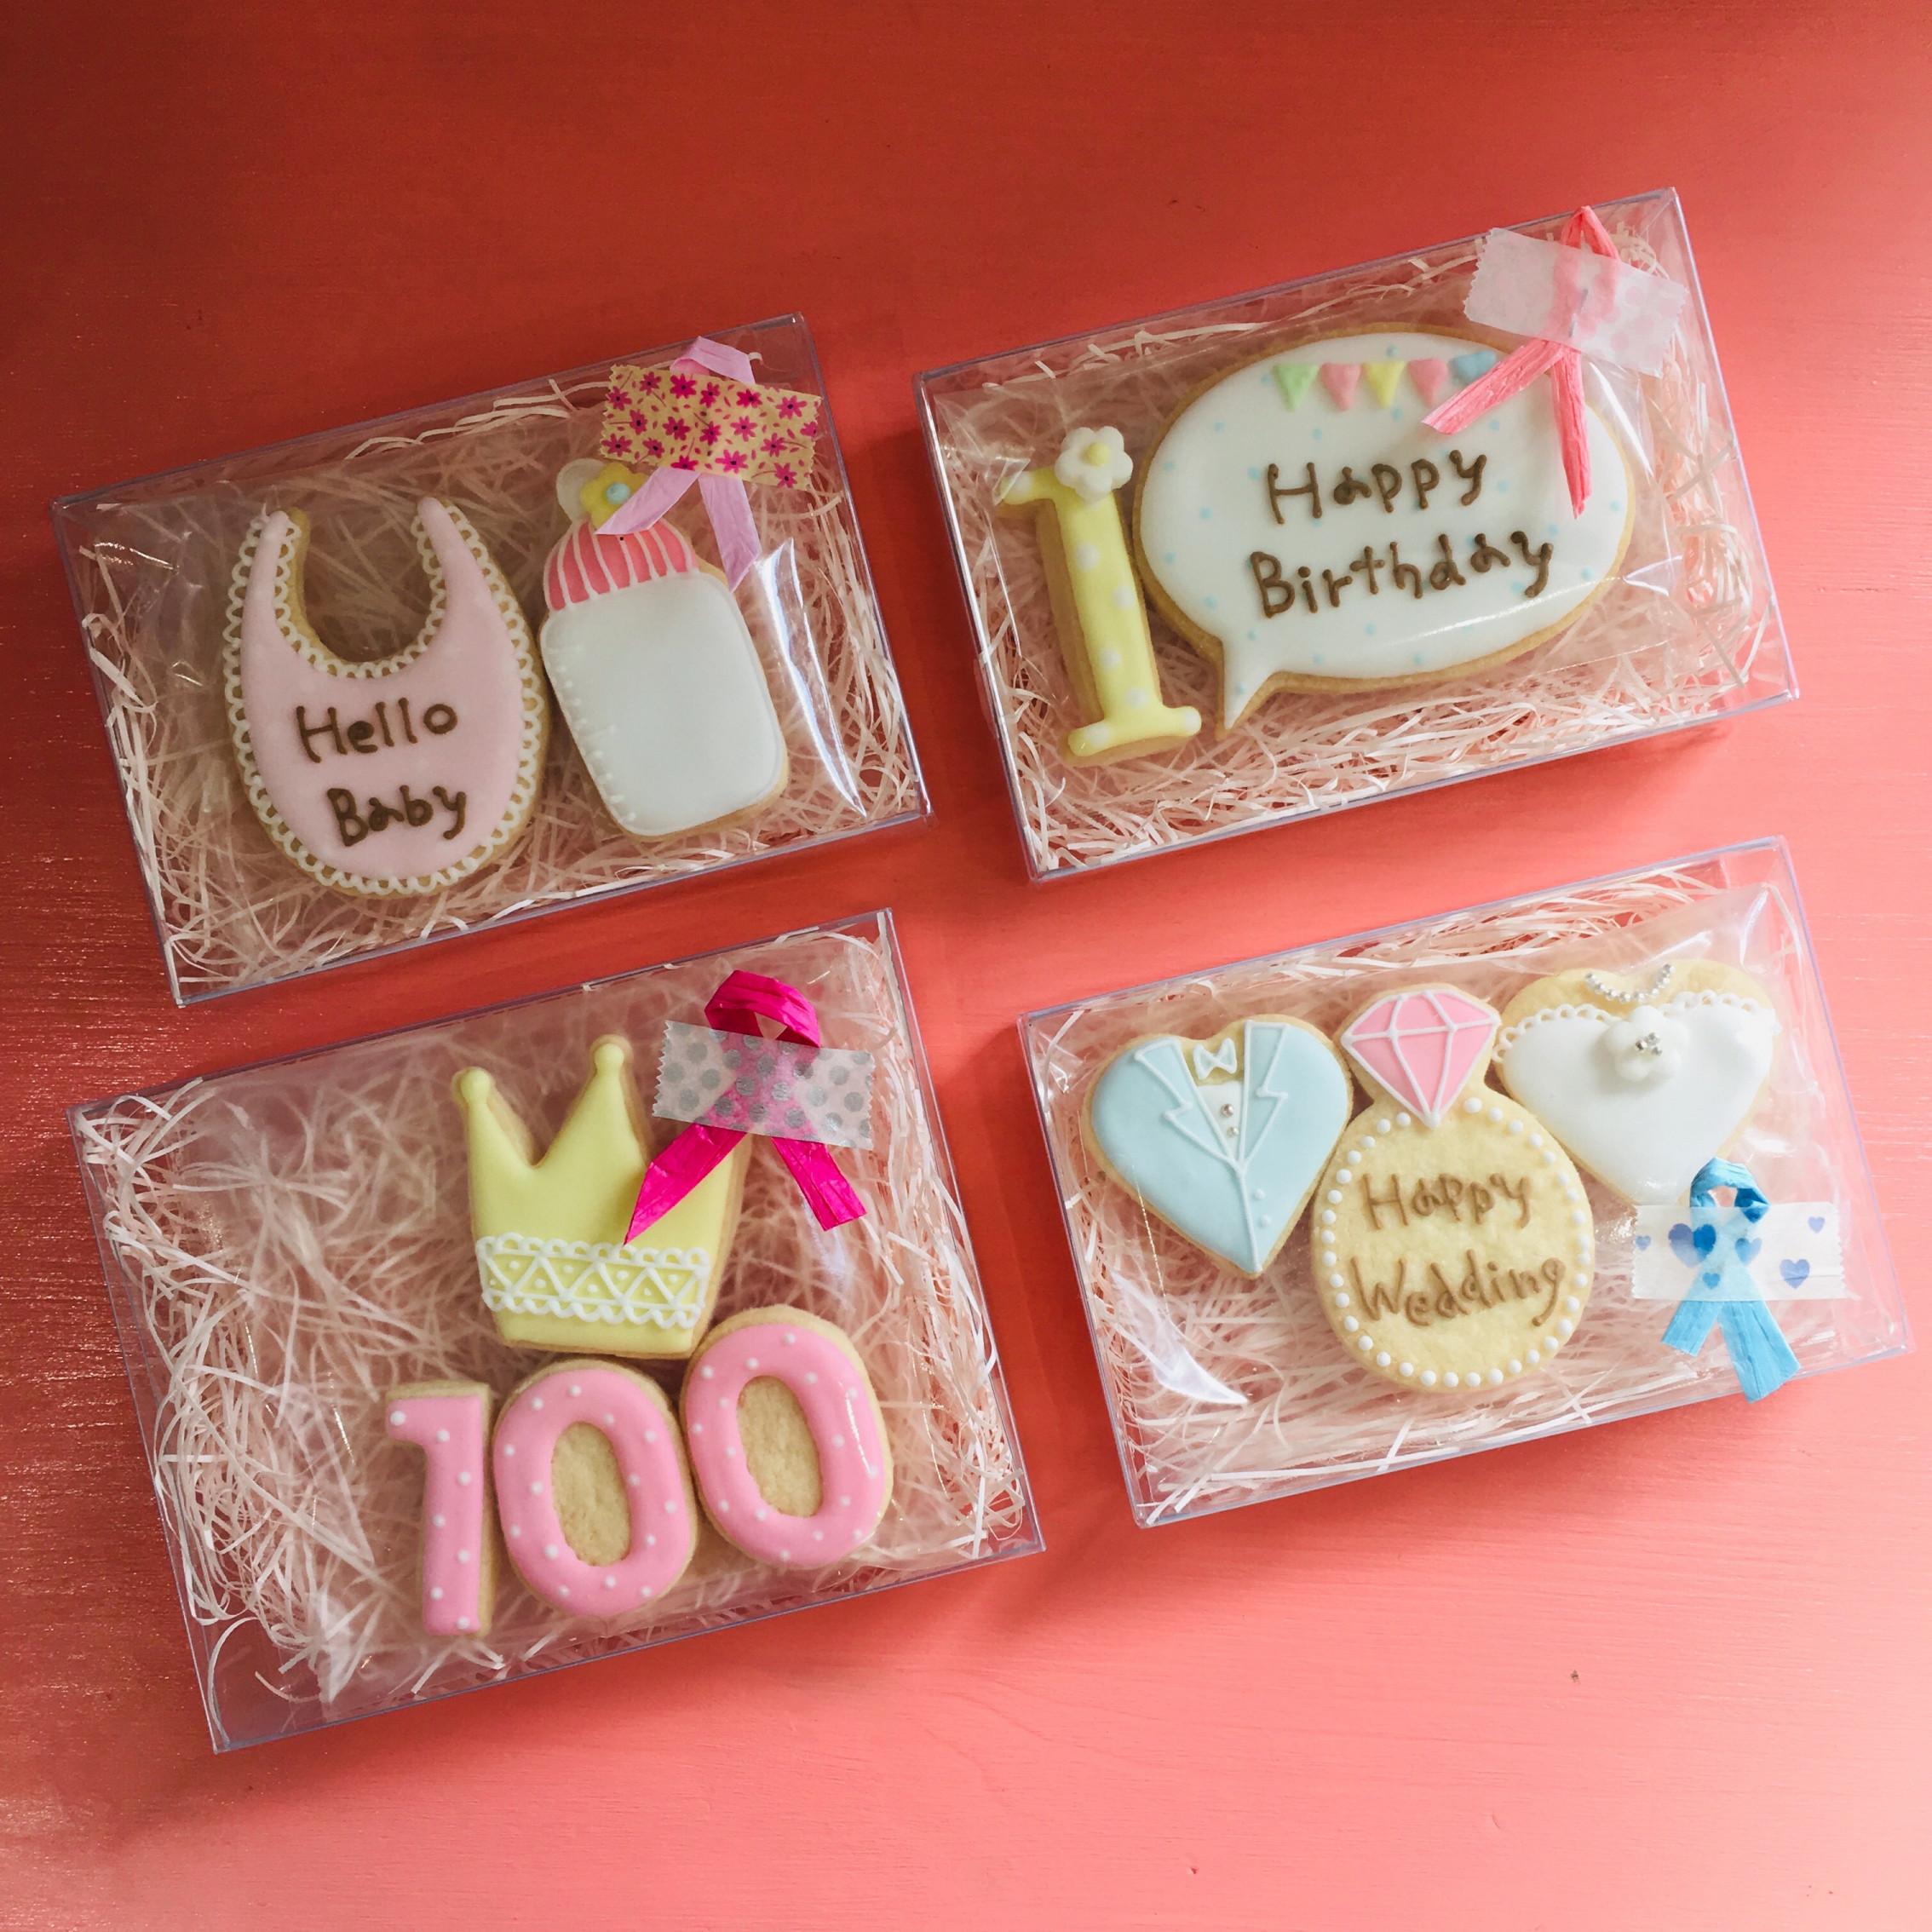 wedding,安産祈願,出産祝い,百日,birthday,など贈りものにおすすめです。>